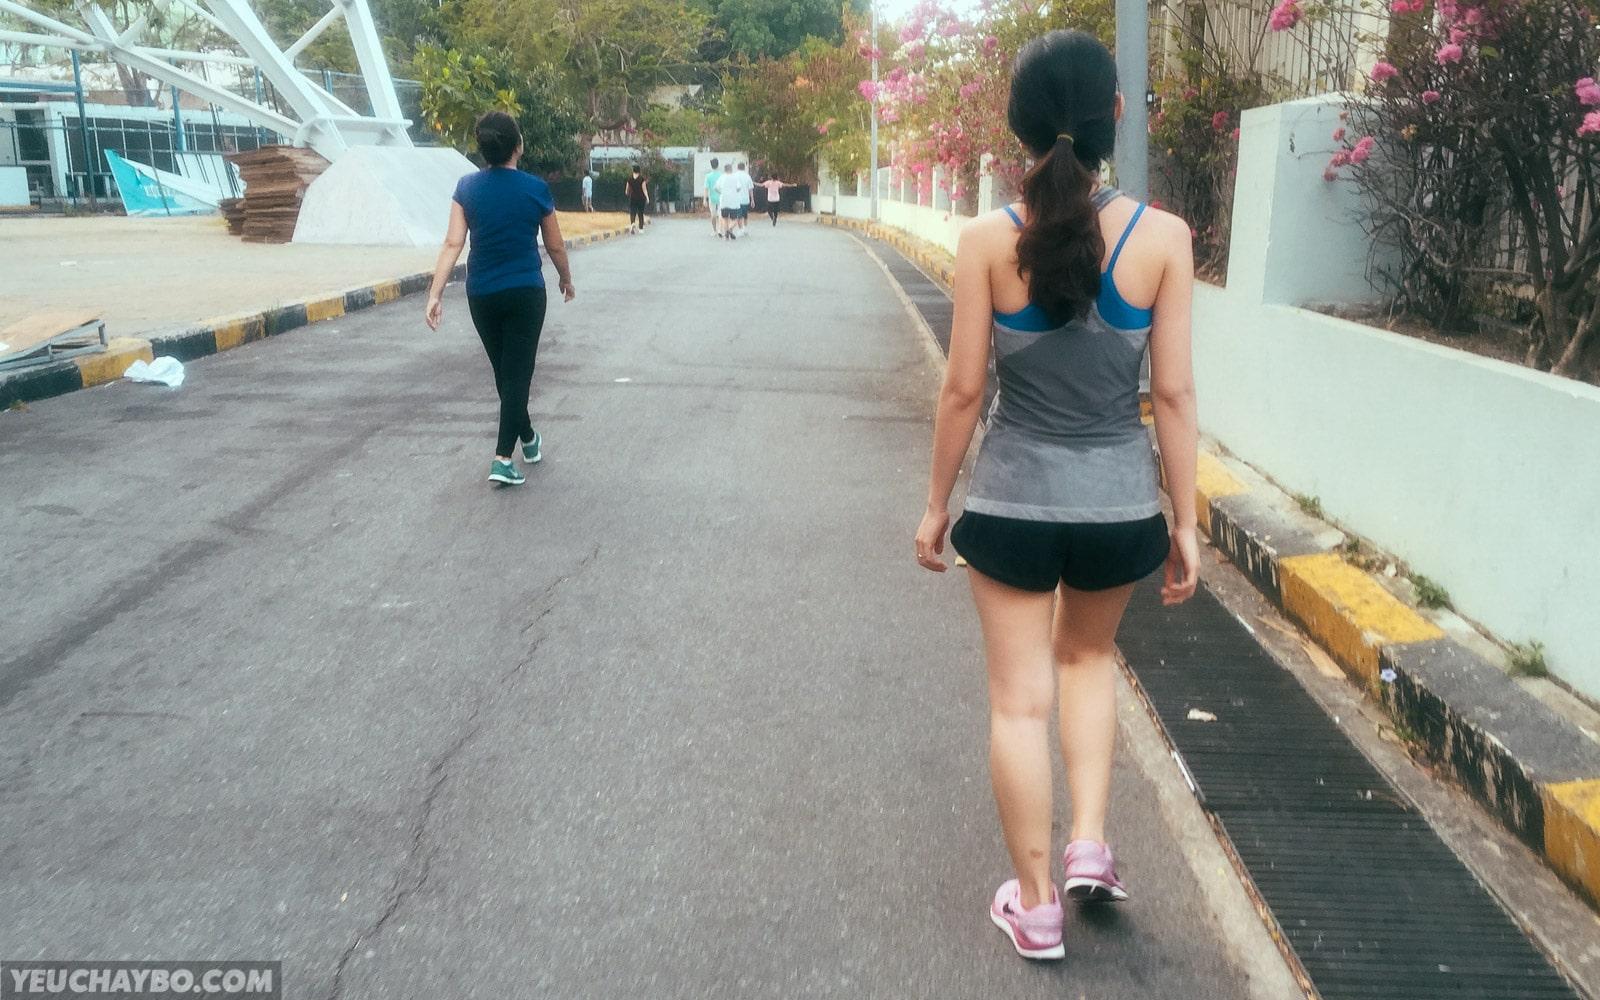 [Chạy bộ cùng vợ] Cuối tuần chạy bộ ở nhà thi đấu Phú Thọ cùng người đẹp